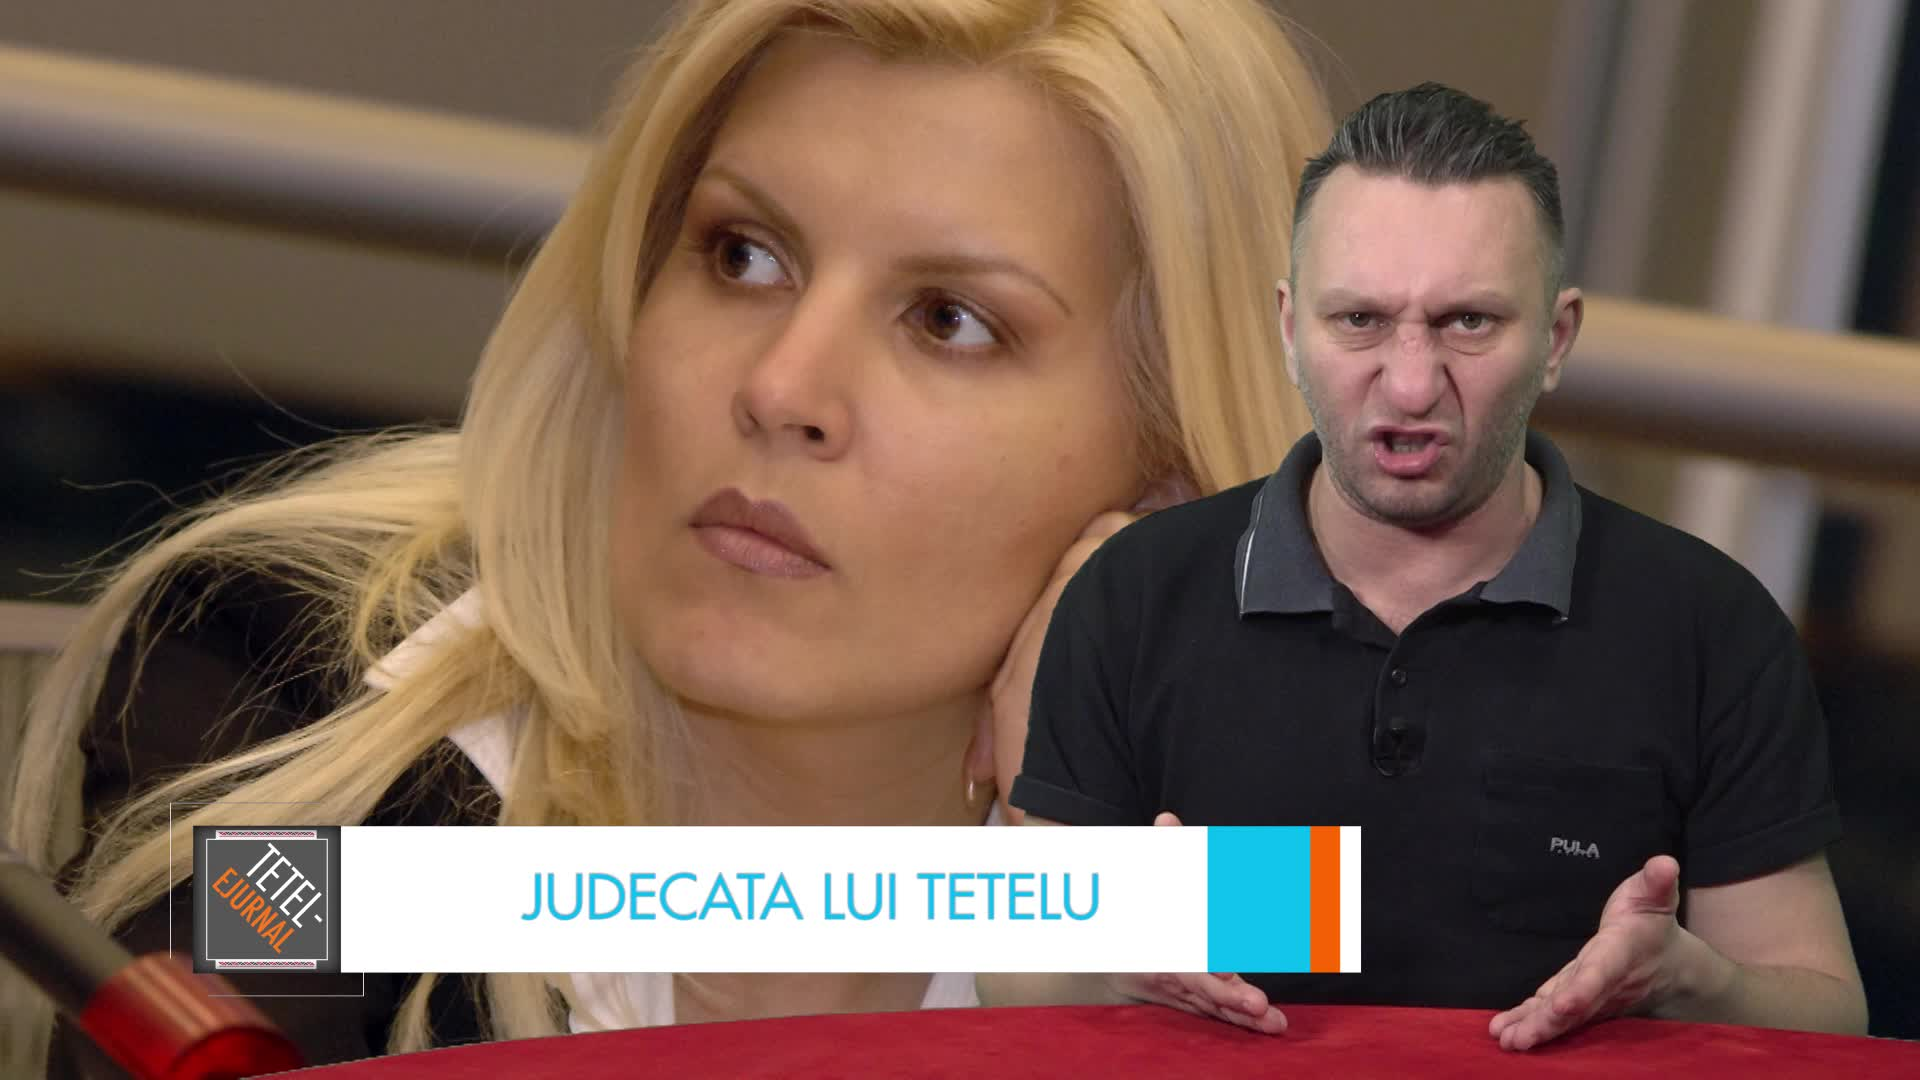 Judecata lui Tetelu: Femeile frumoase trebuie ţinute sub control